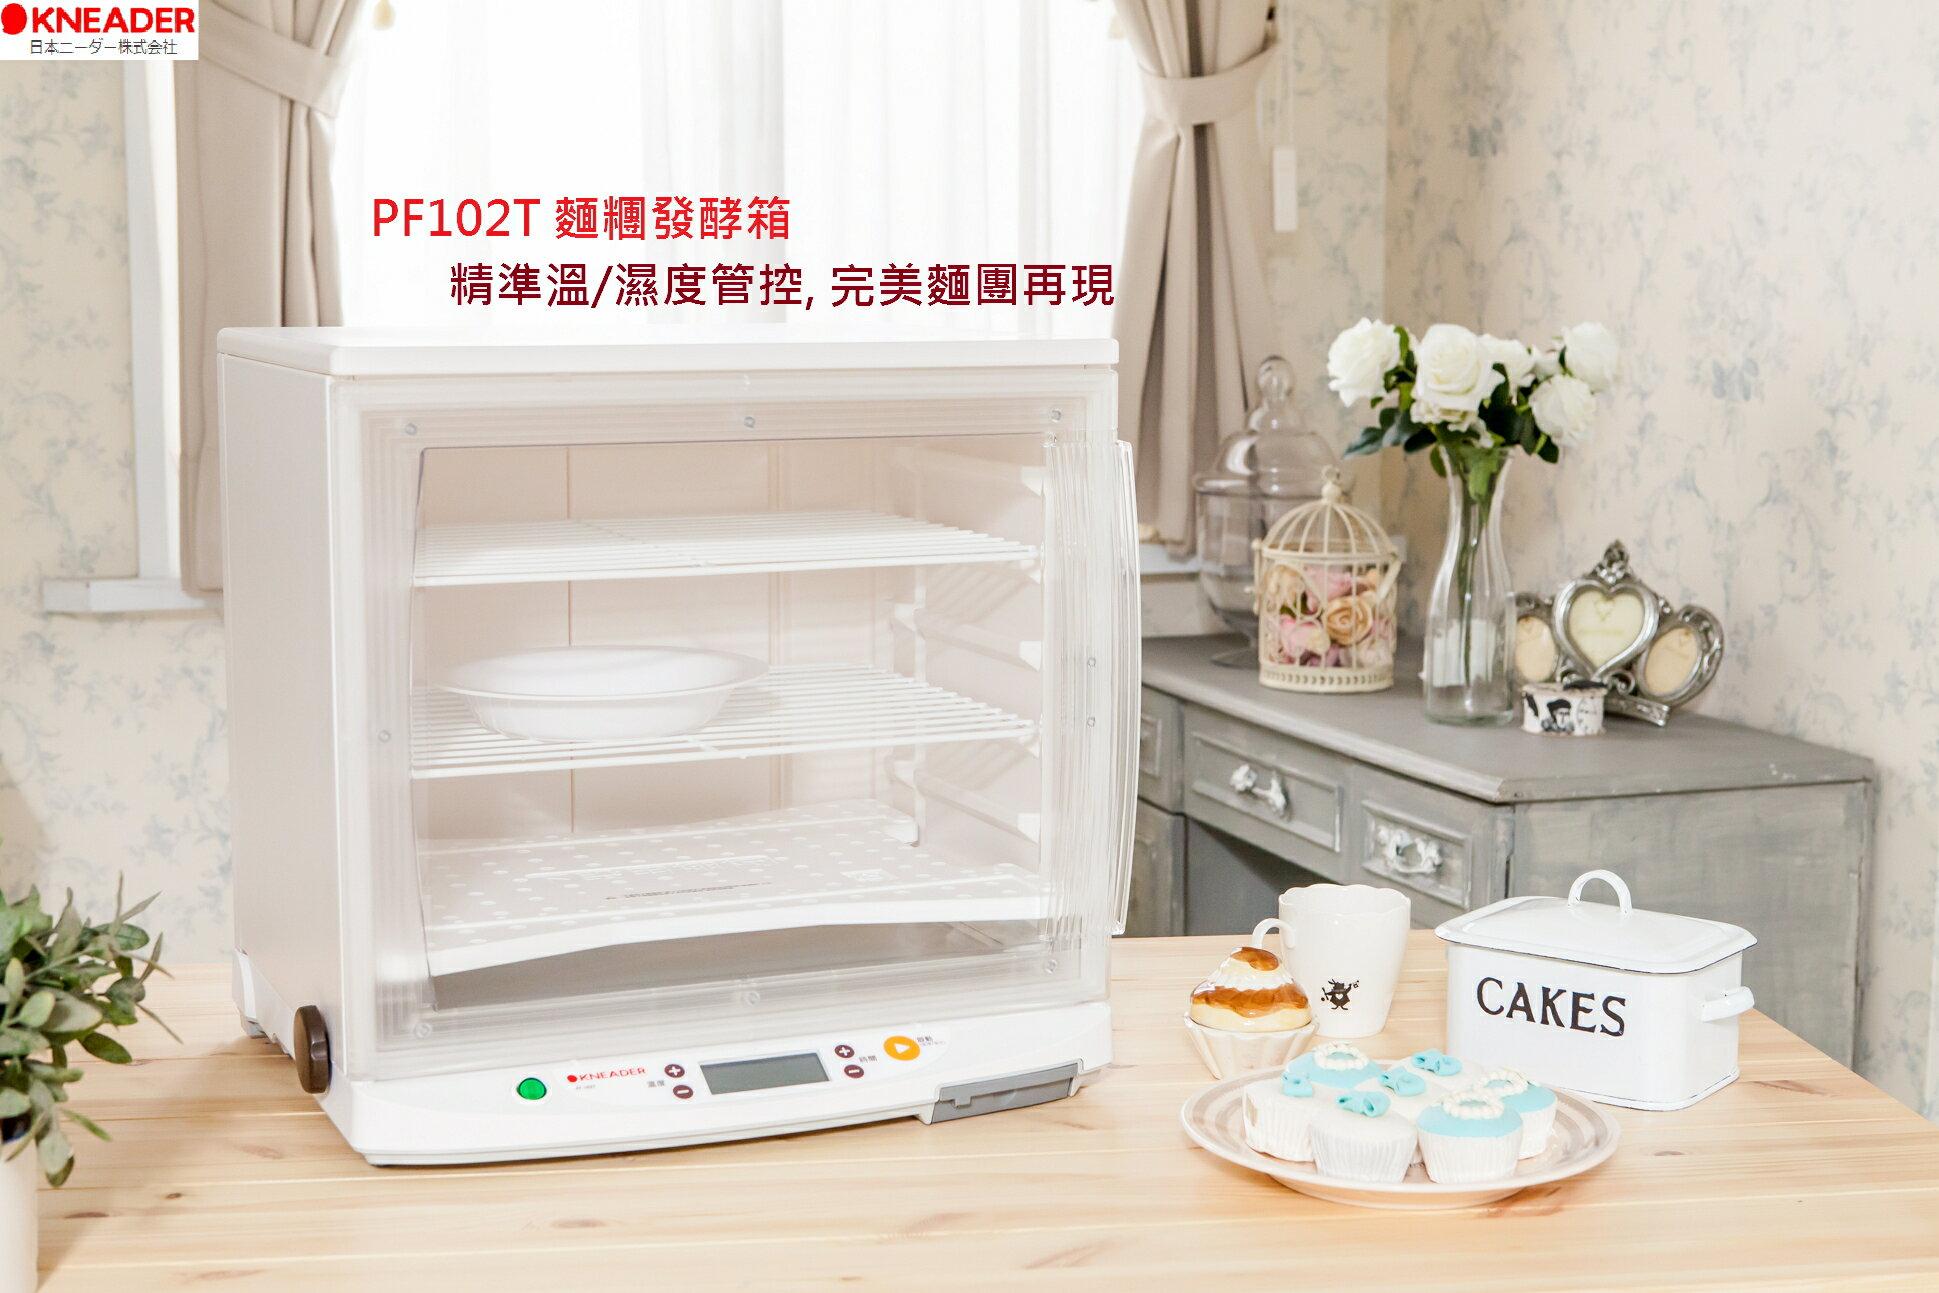 日本Kneader 發酵箱 發酵器 PF102T可清洗可折疊收納 溫控 保固 [公司貨]